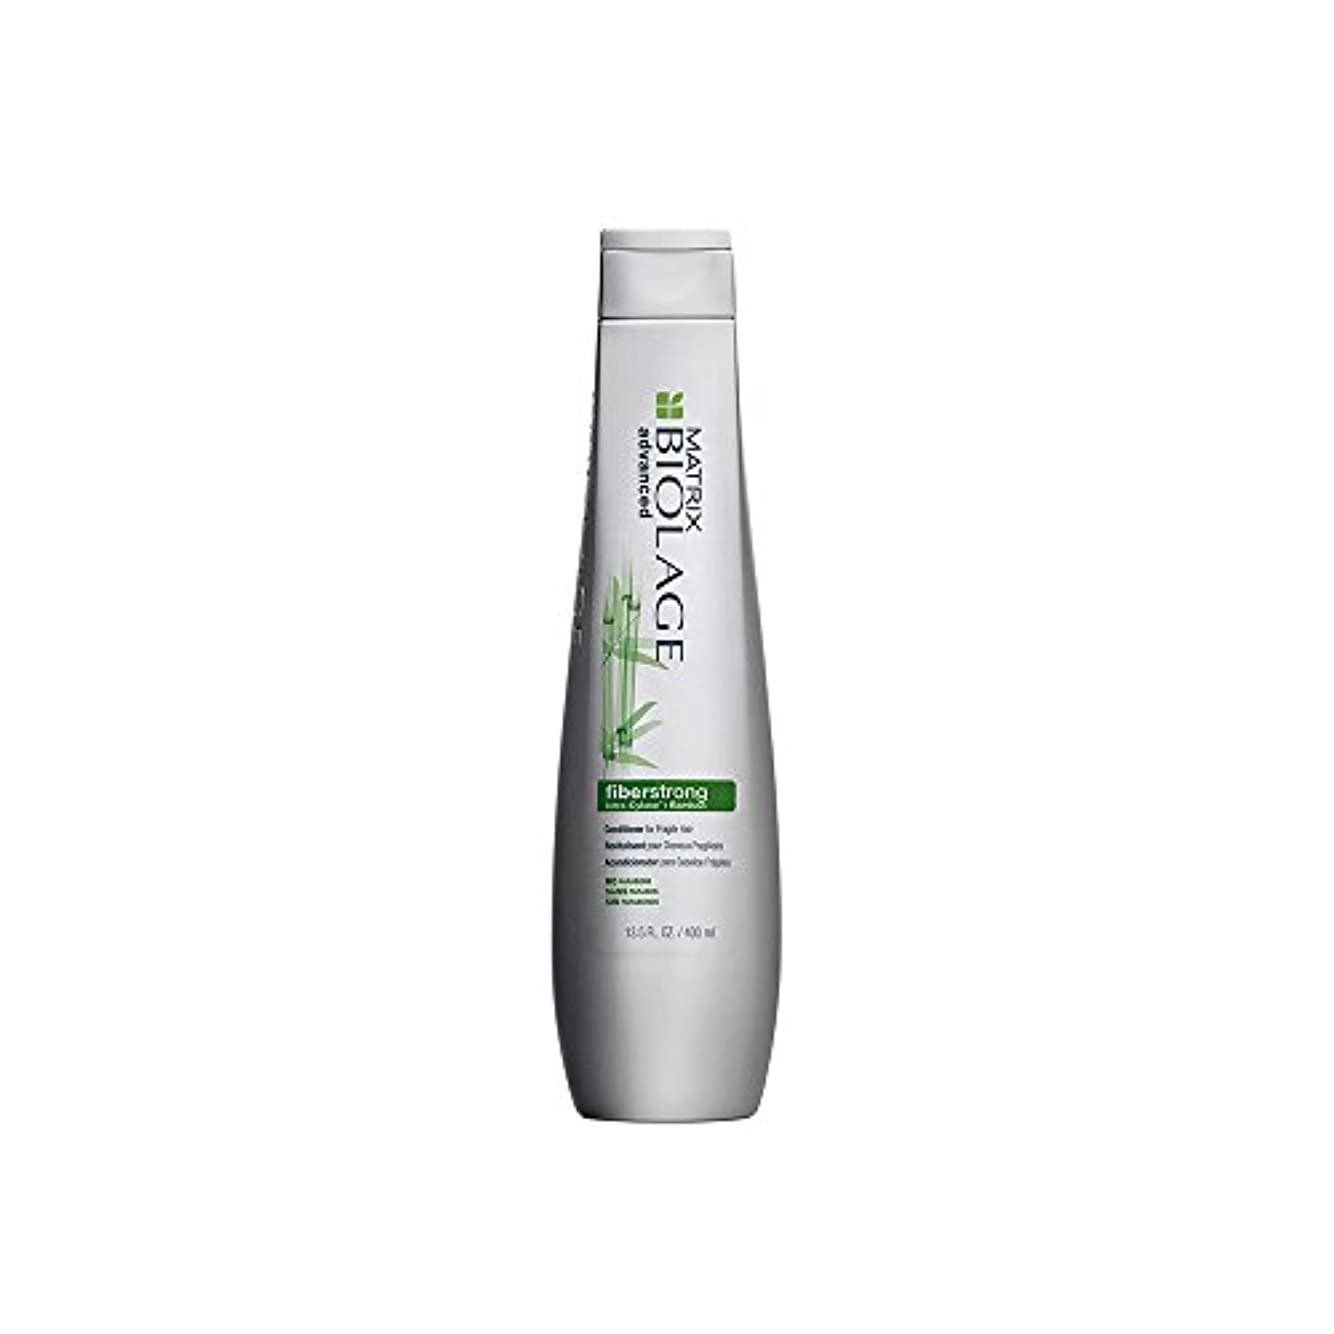 受取人唇無駄だマトリックス Biolage Advanced FiberStrong Conditioner (For Fragile Hair) 1732272 400ml [海外直送品]